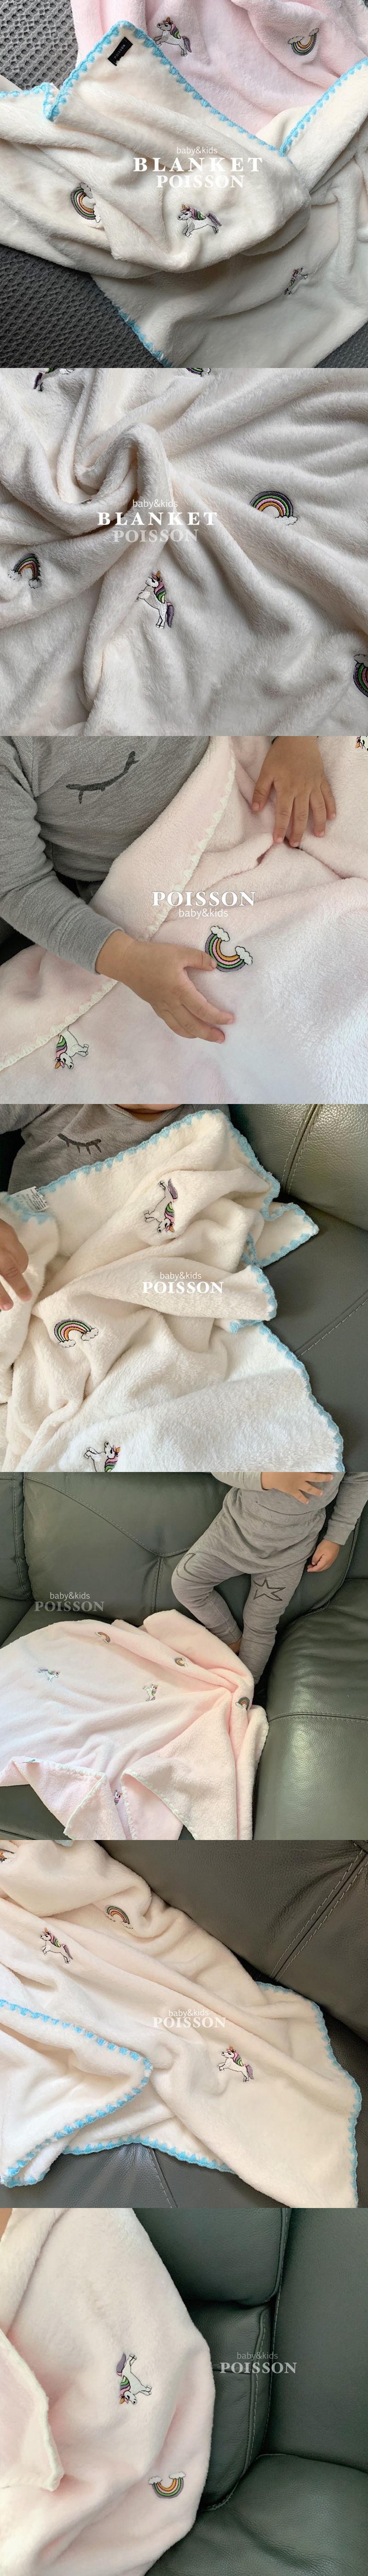 POISSON - Korean Children Fashion - #Kfashion4kids - Unicorn Blanket